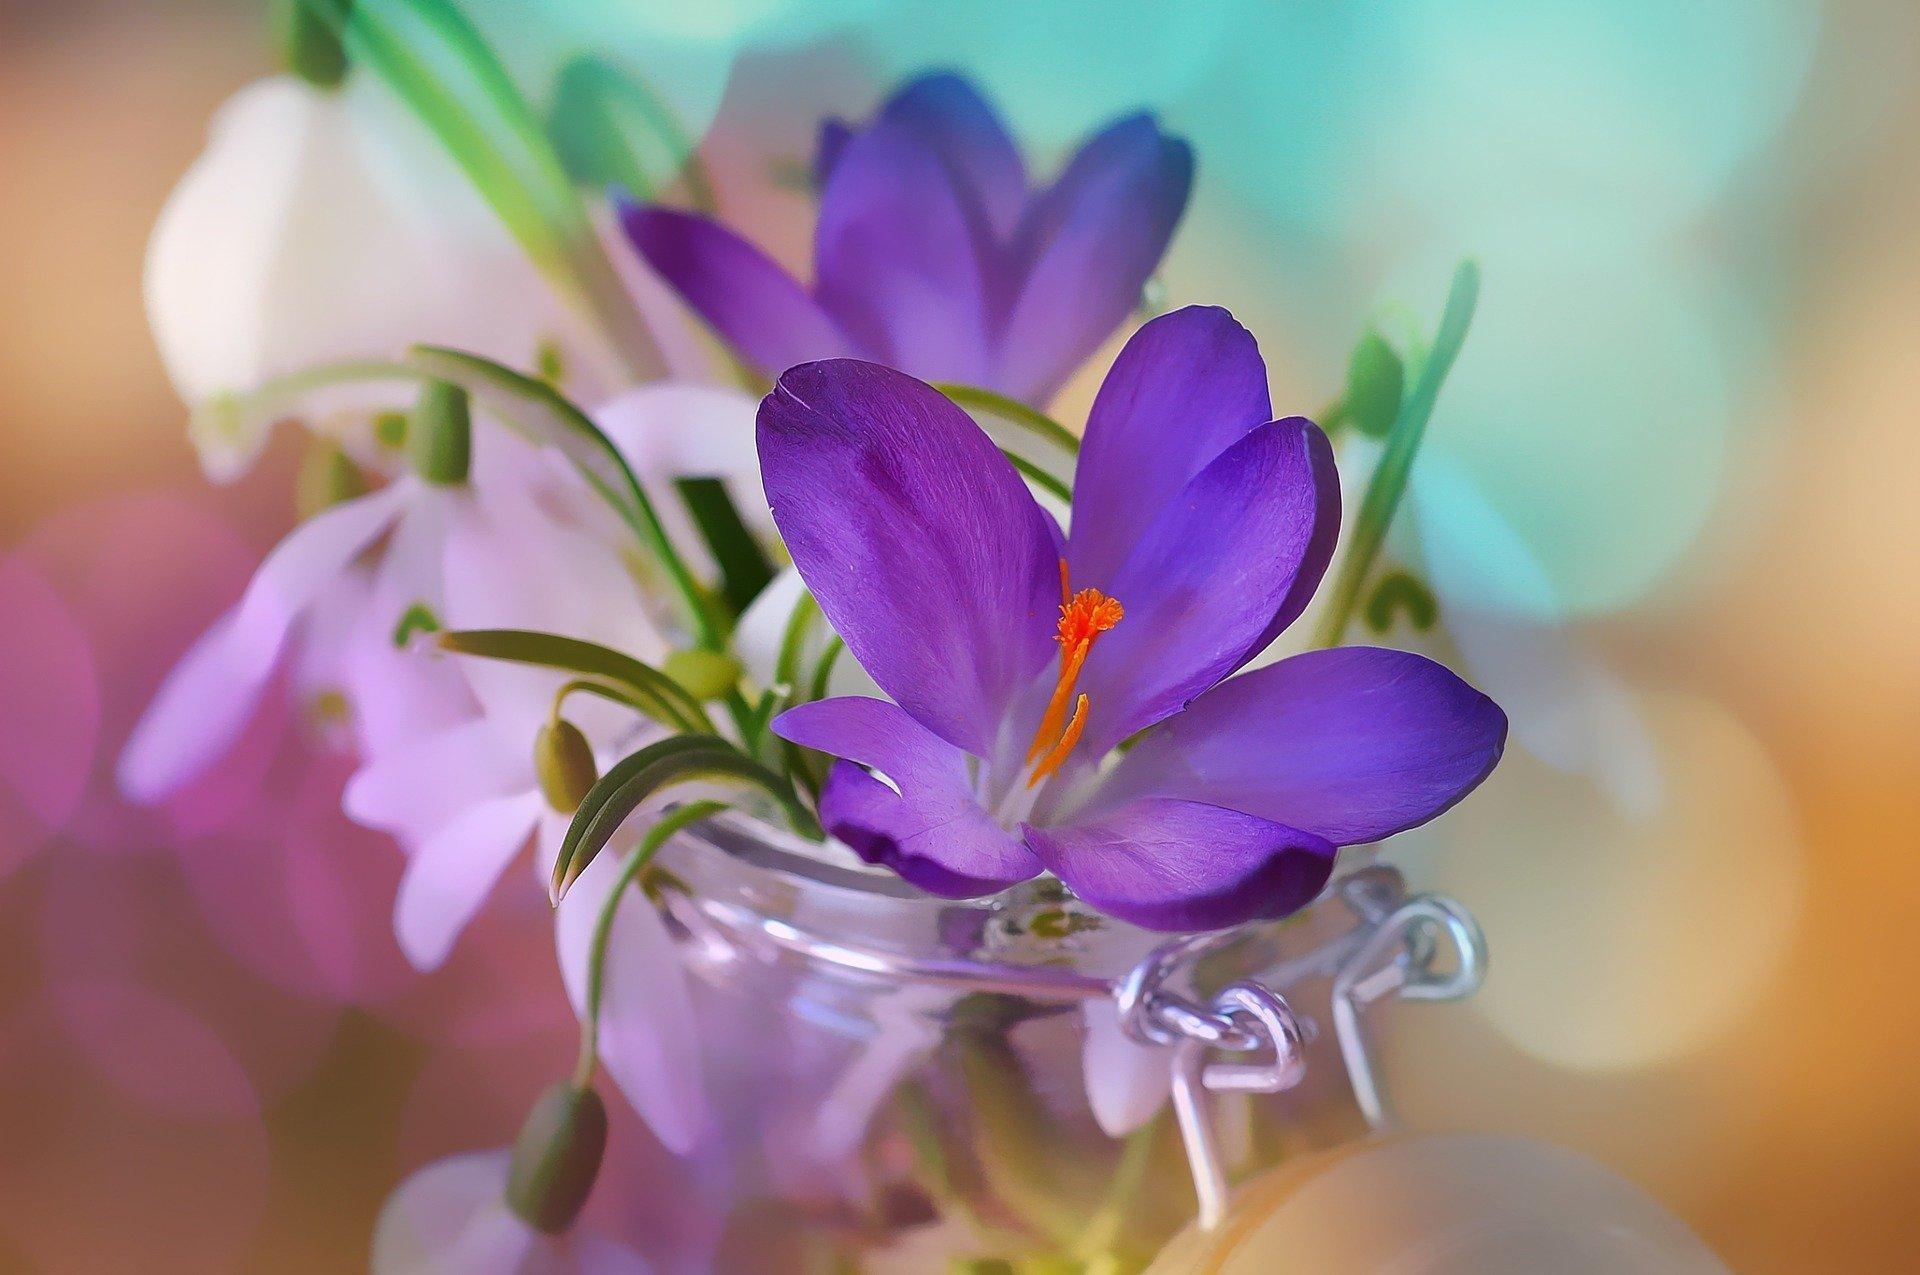 Vánoce – období klidu, zimy a sněhu. Jde o velmi kouzelné období, avšak občas se může stát, že se nám zasteskne po jaru plném zeleně. Proto se obklopujeme alespoň živými květy. Jak postupovat při rychlení květů, abychom si je mohli užívat již v zimě?